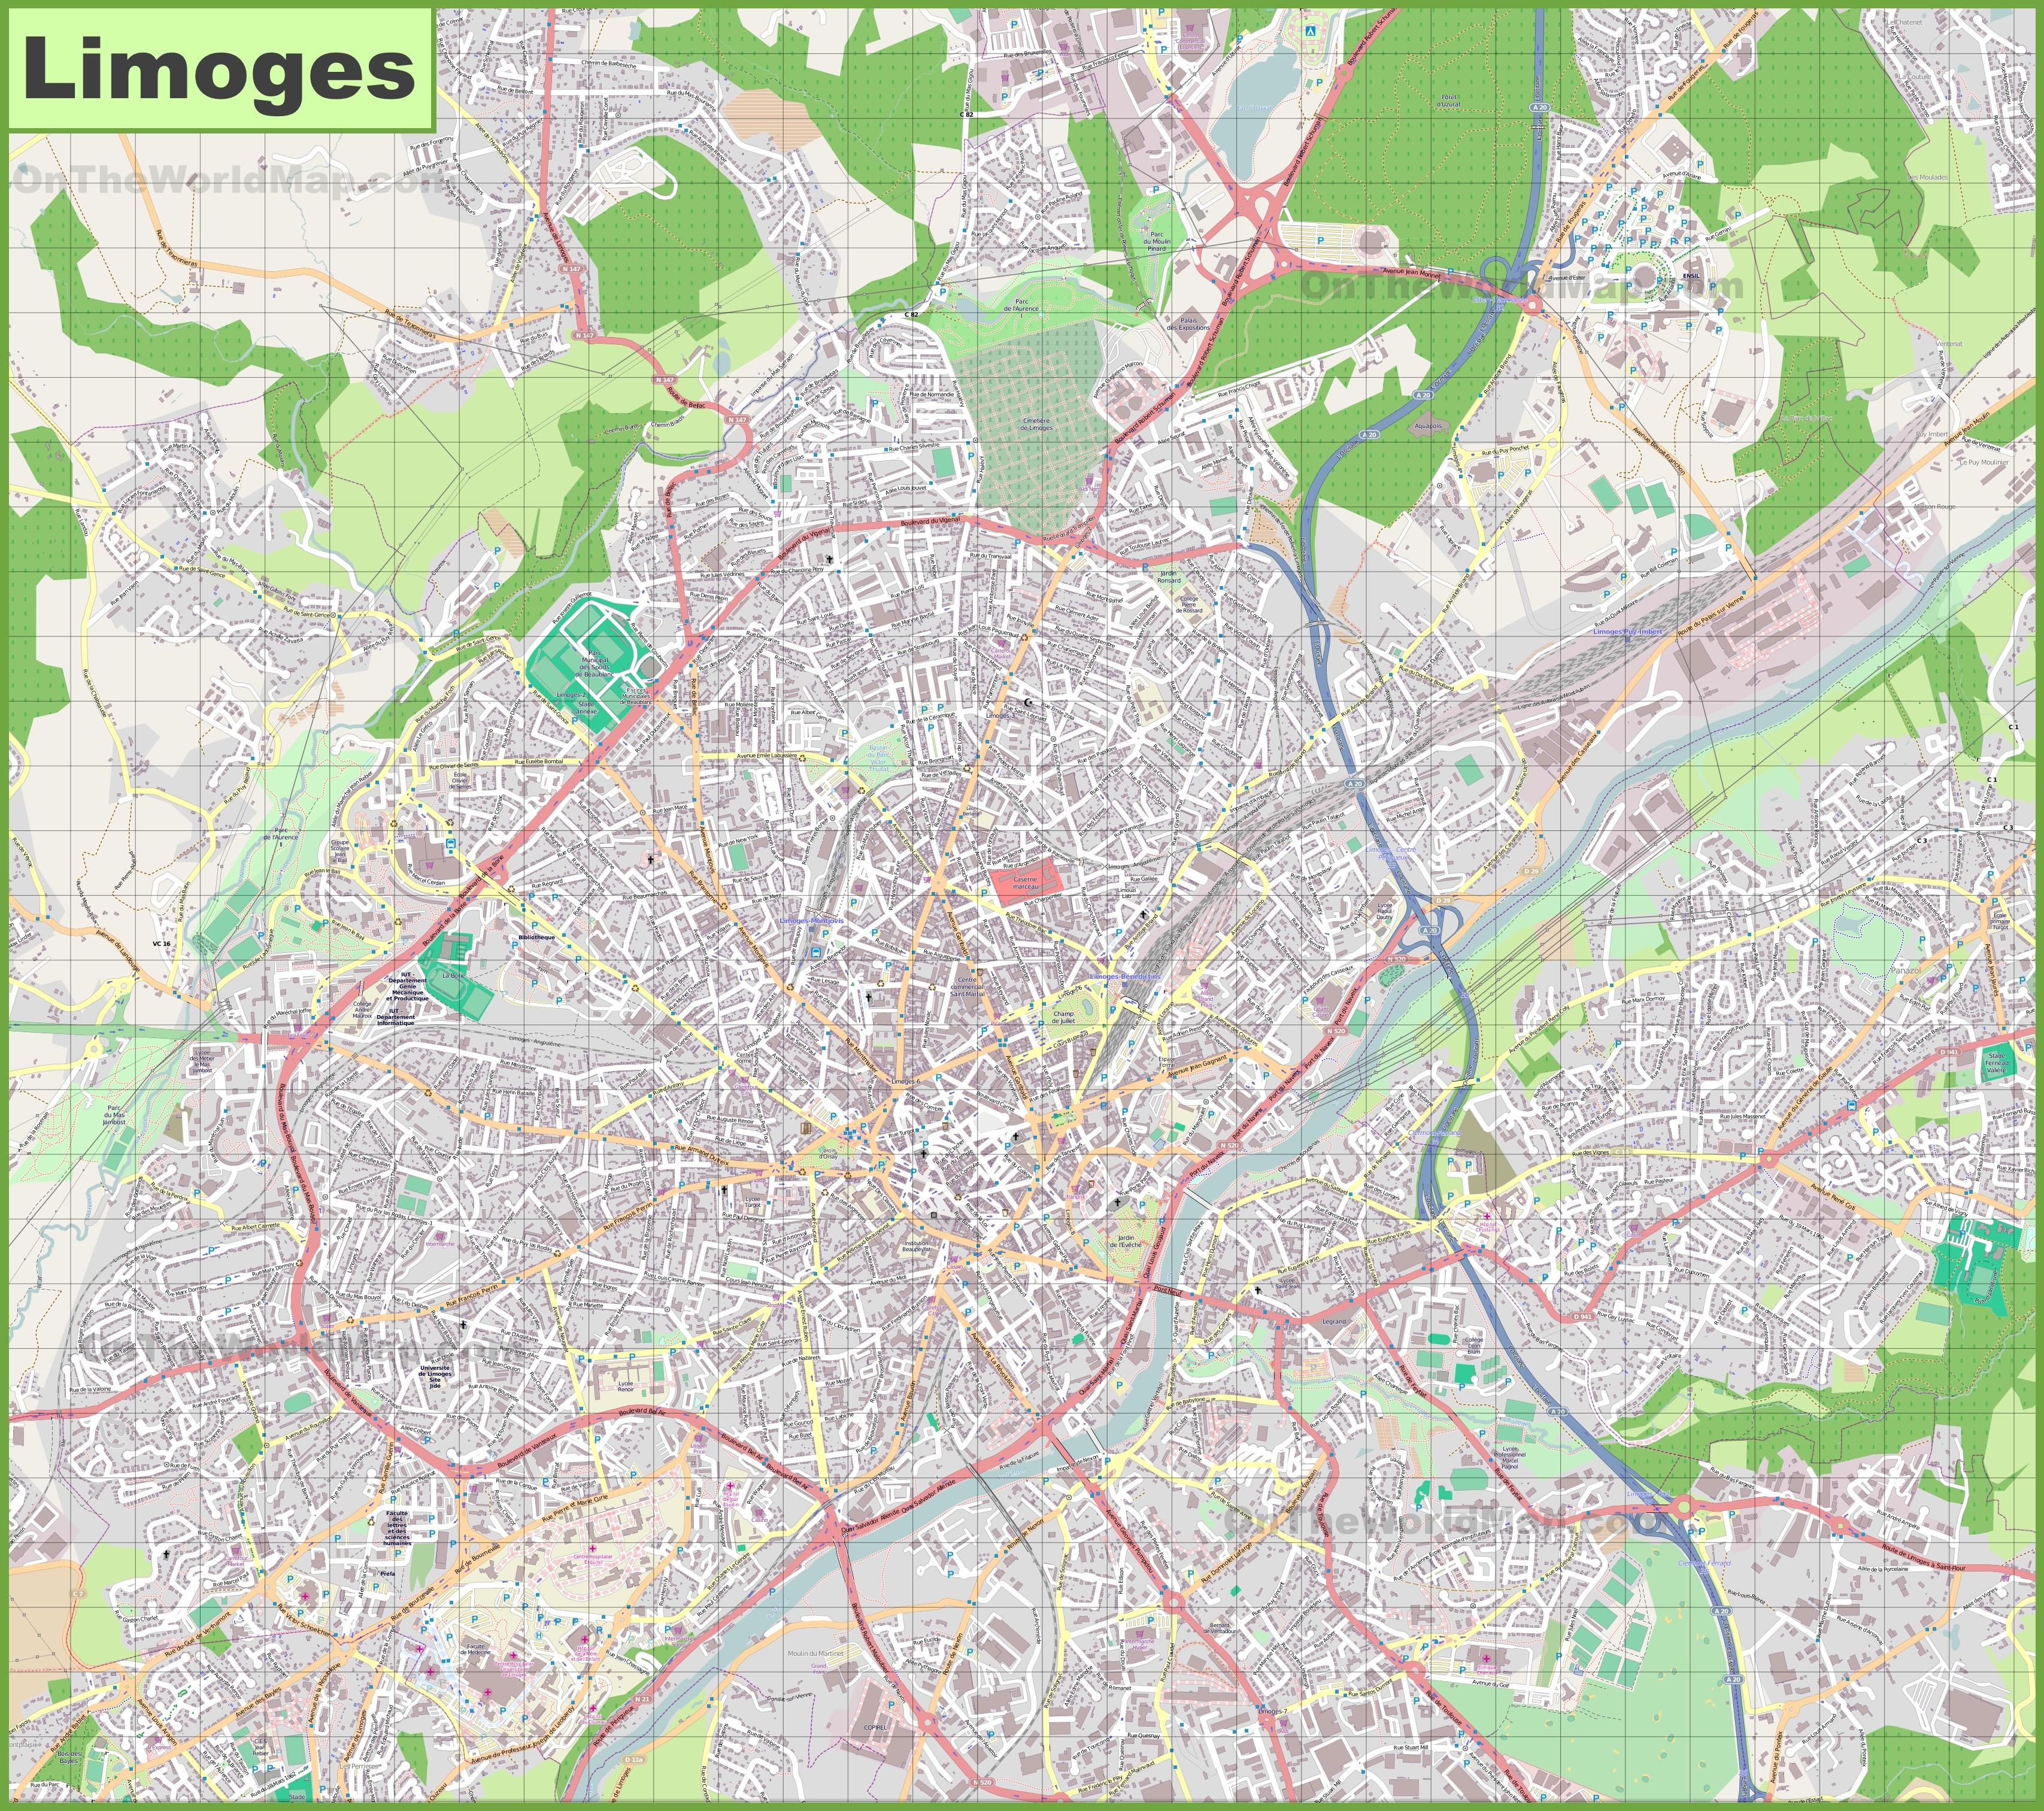 Limoges France Map.Large Detailed Map Of Limoges